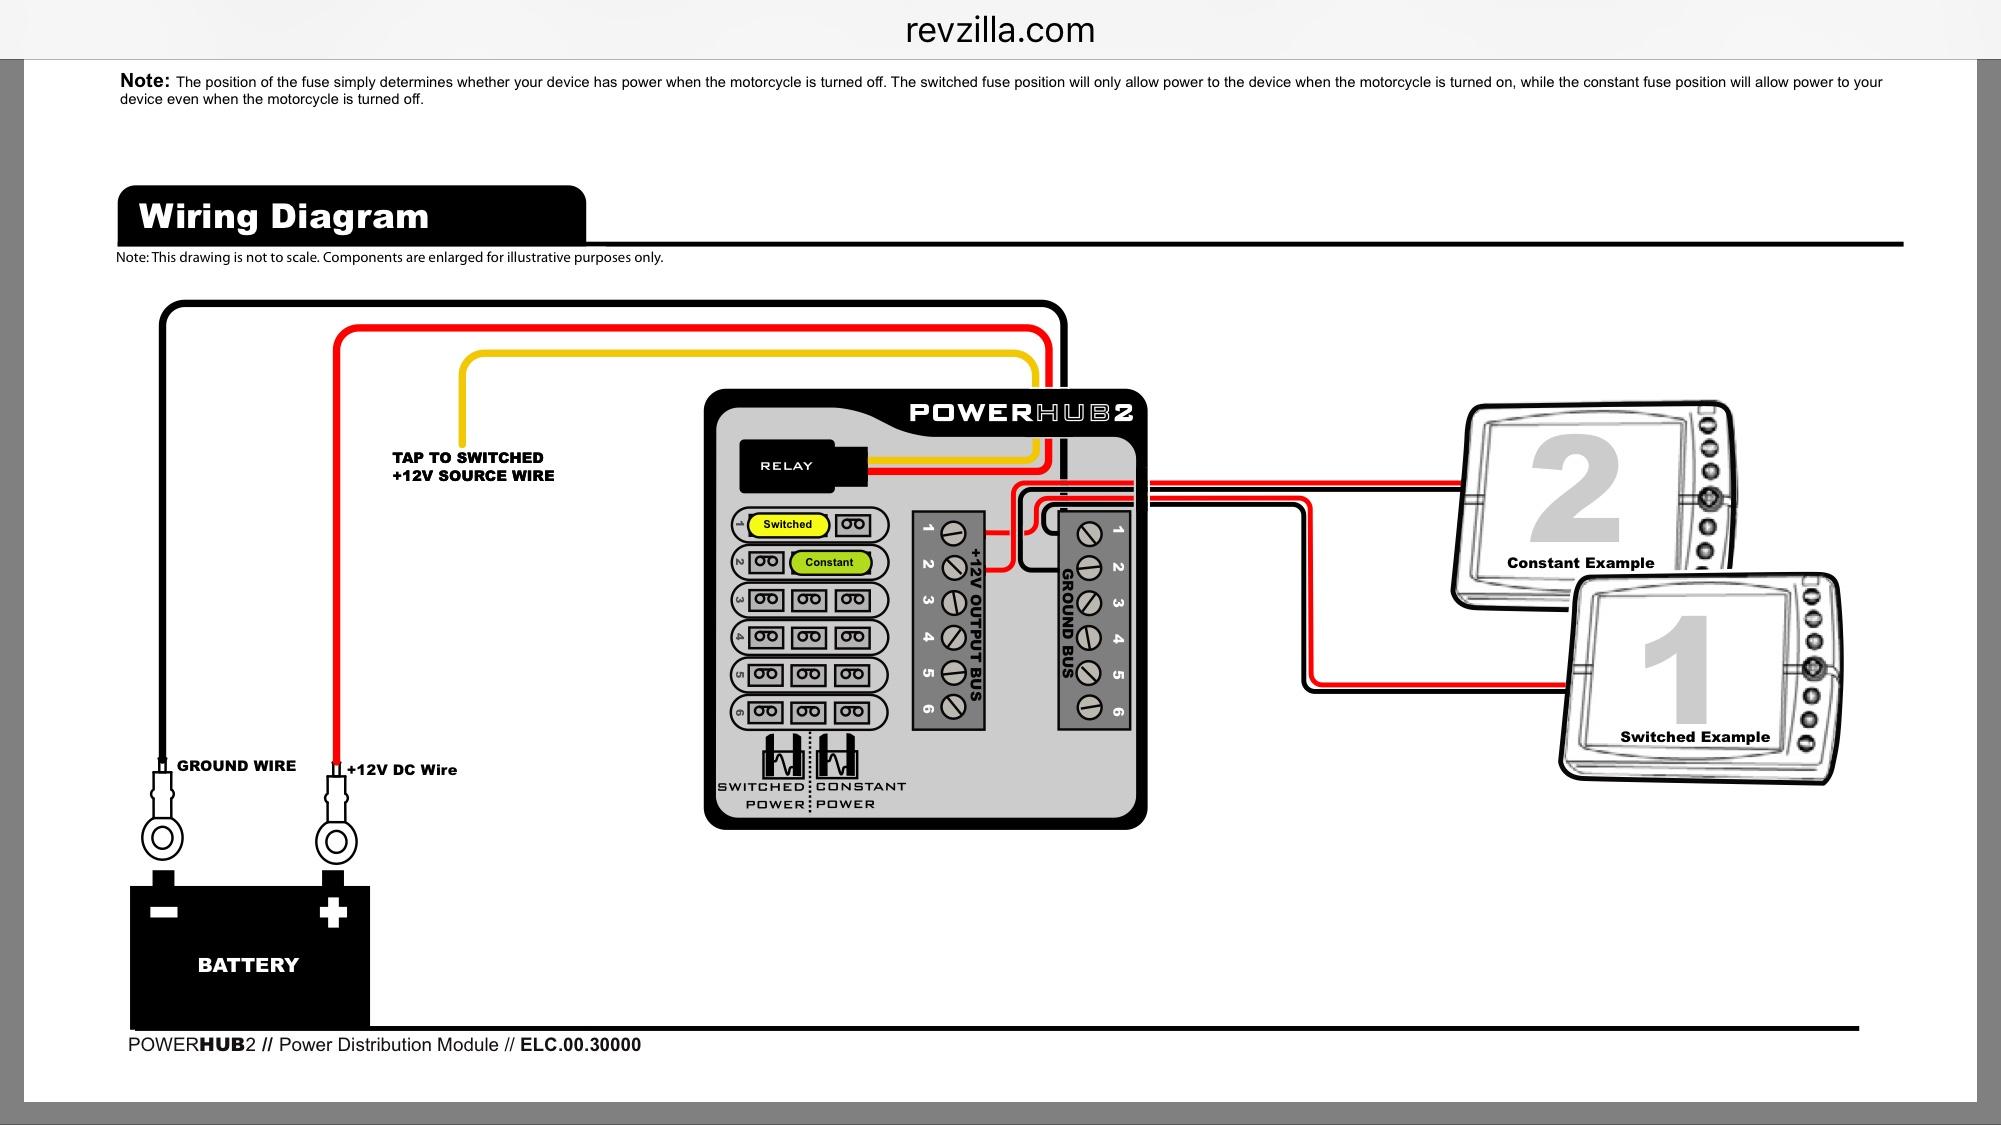 Denali Power Hub 2 Install